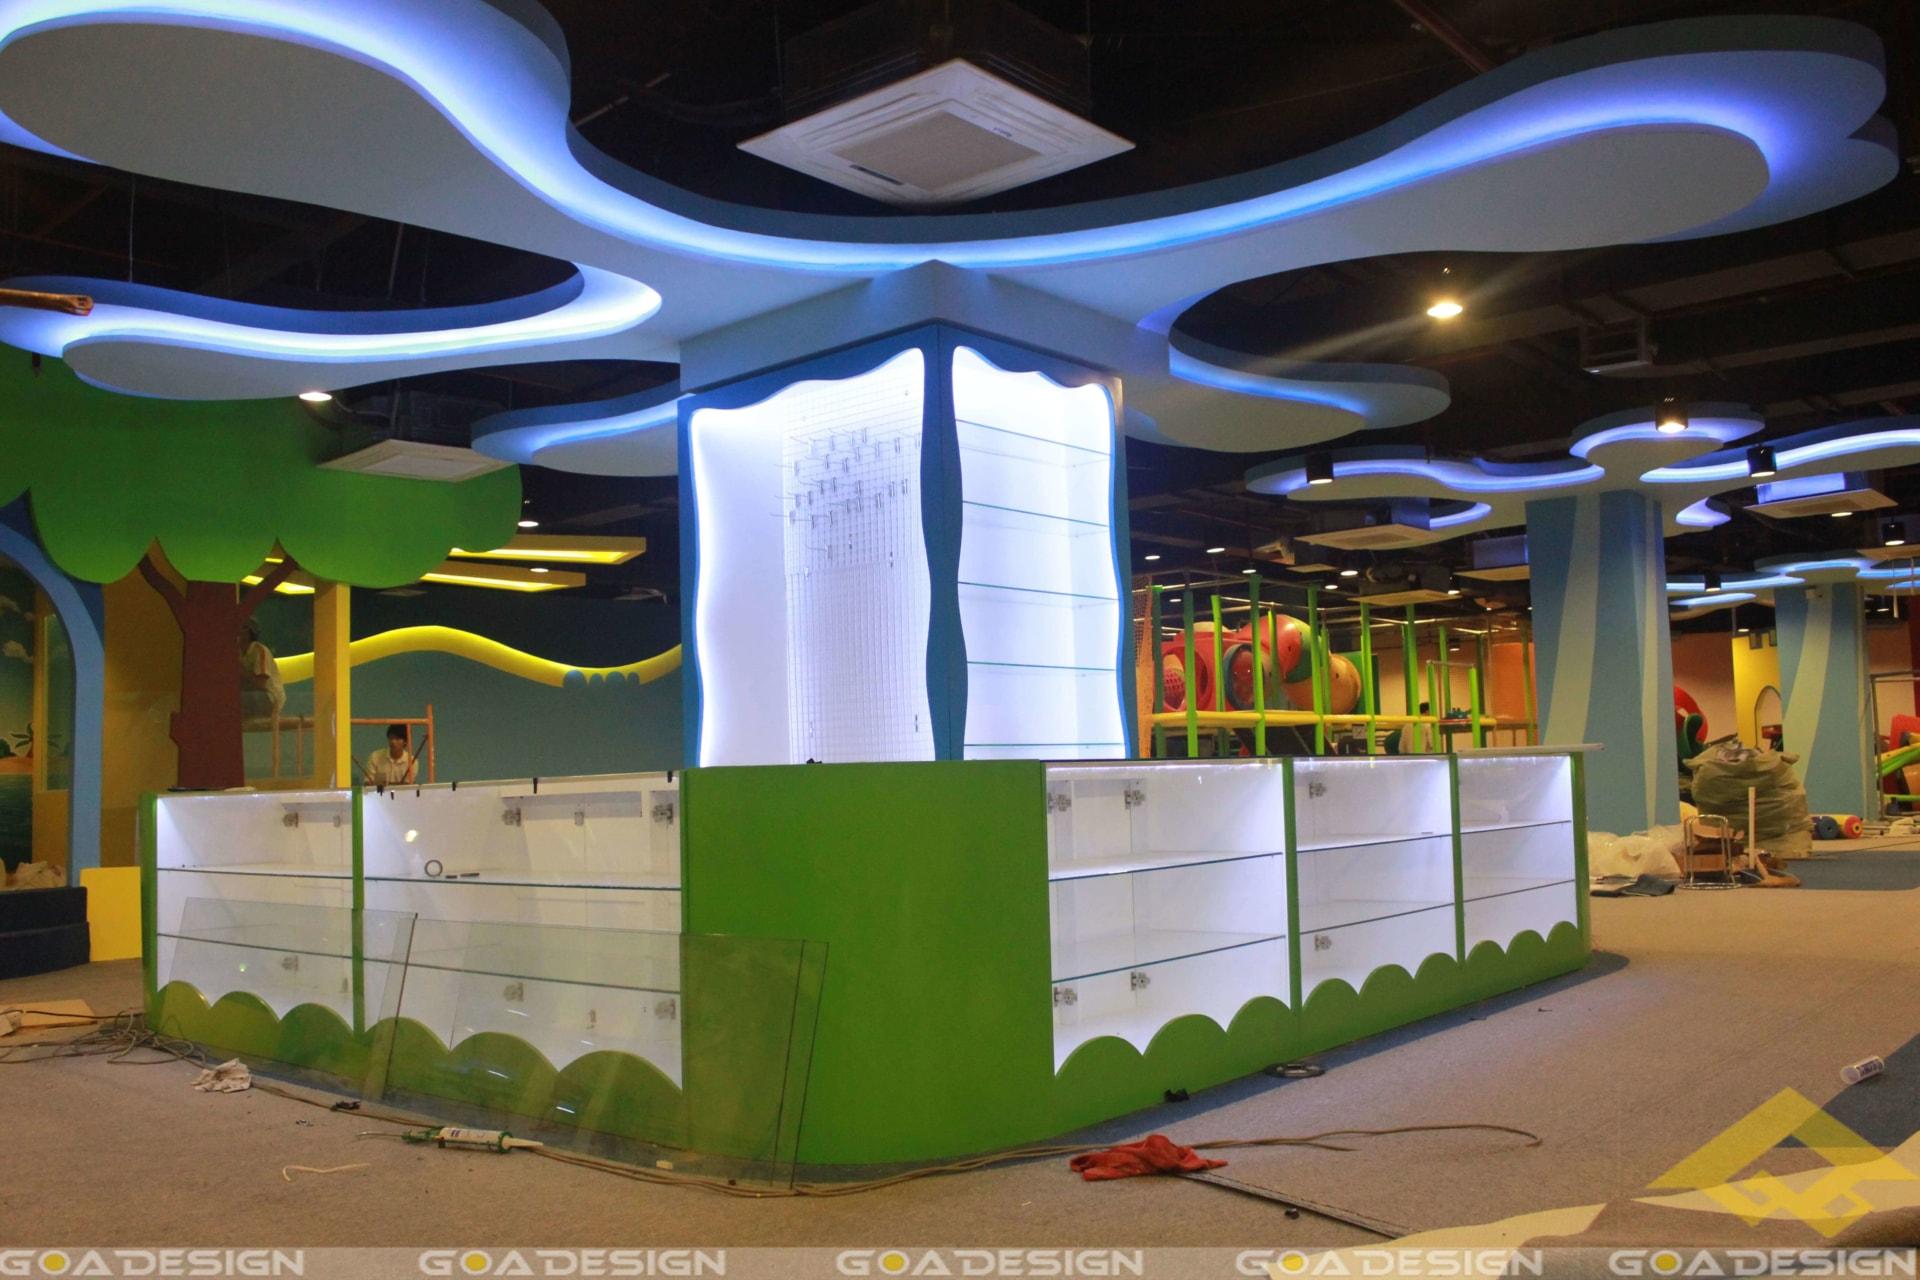 GOADESIGN Thiết kế khu vui chơi Kidzone Vũng Tàu (13)